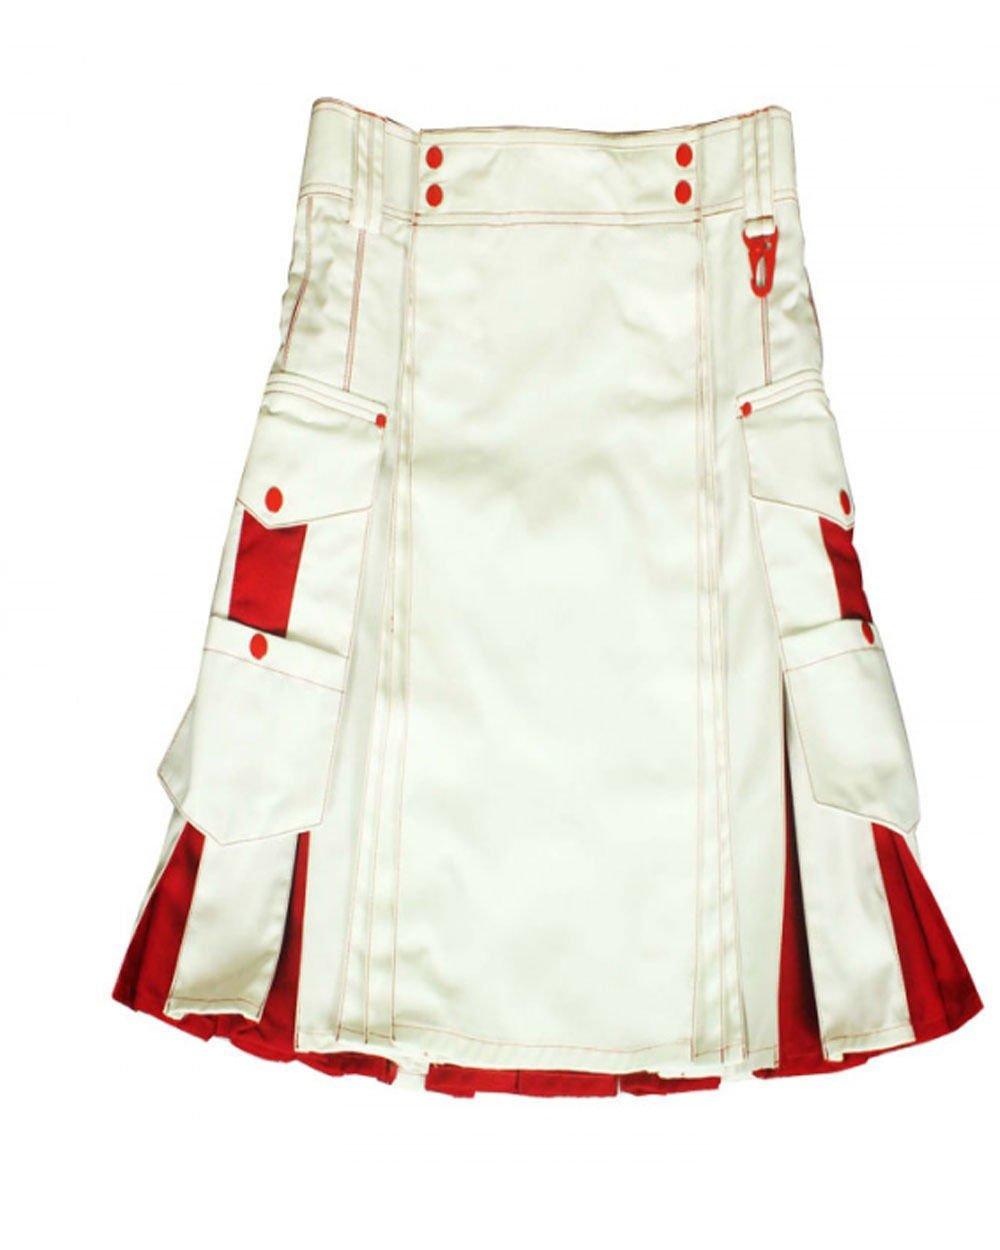 54 Size Handmade White & Red Cotton Kilt for Active Men, Hybrid Cotton Utility Deluxe Kilt